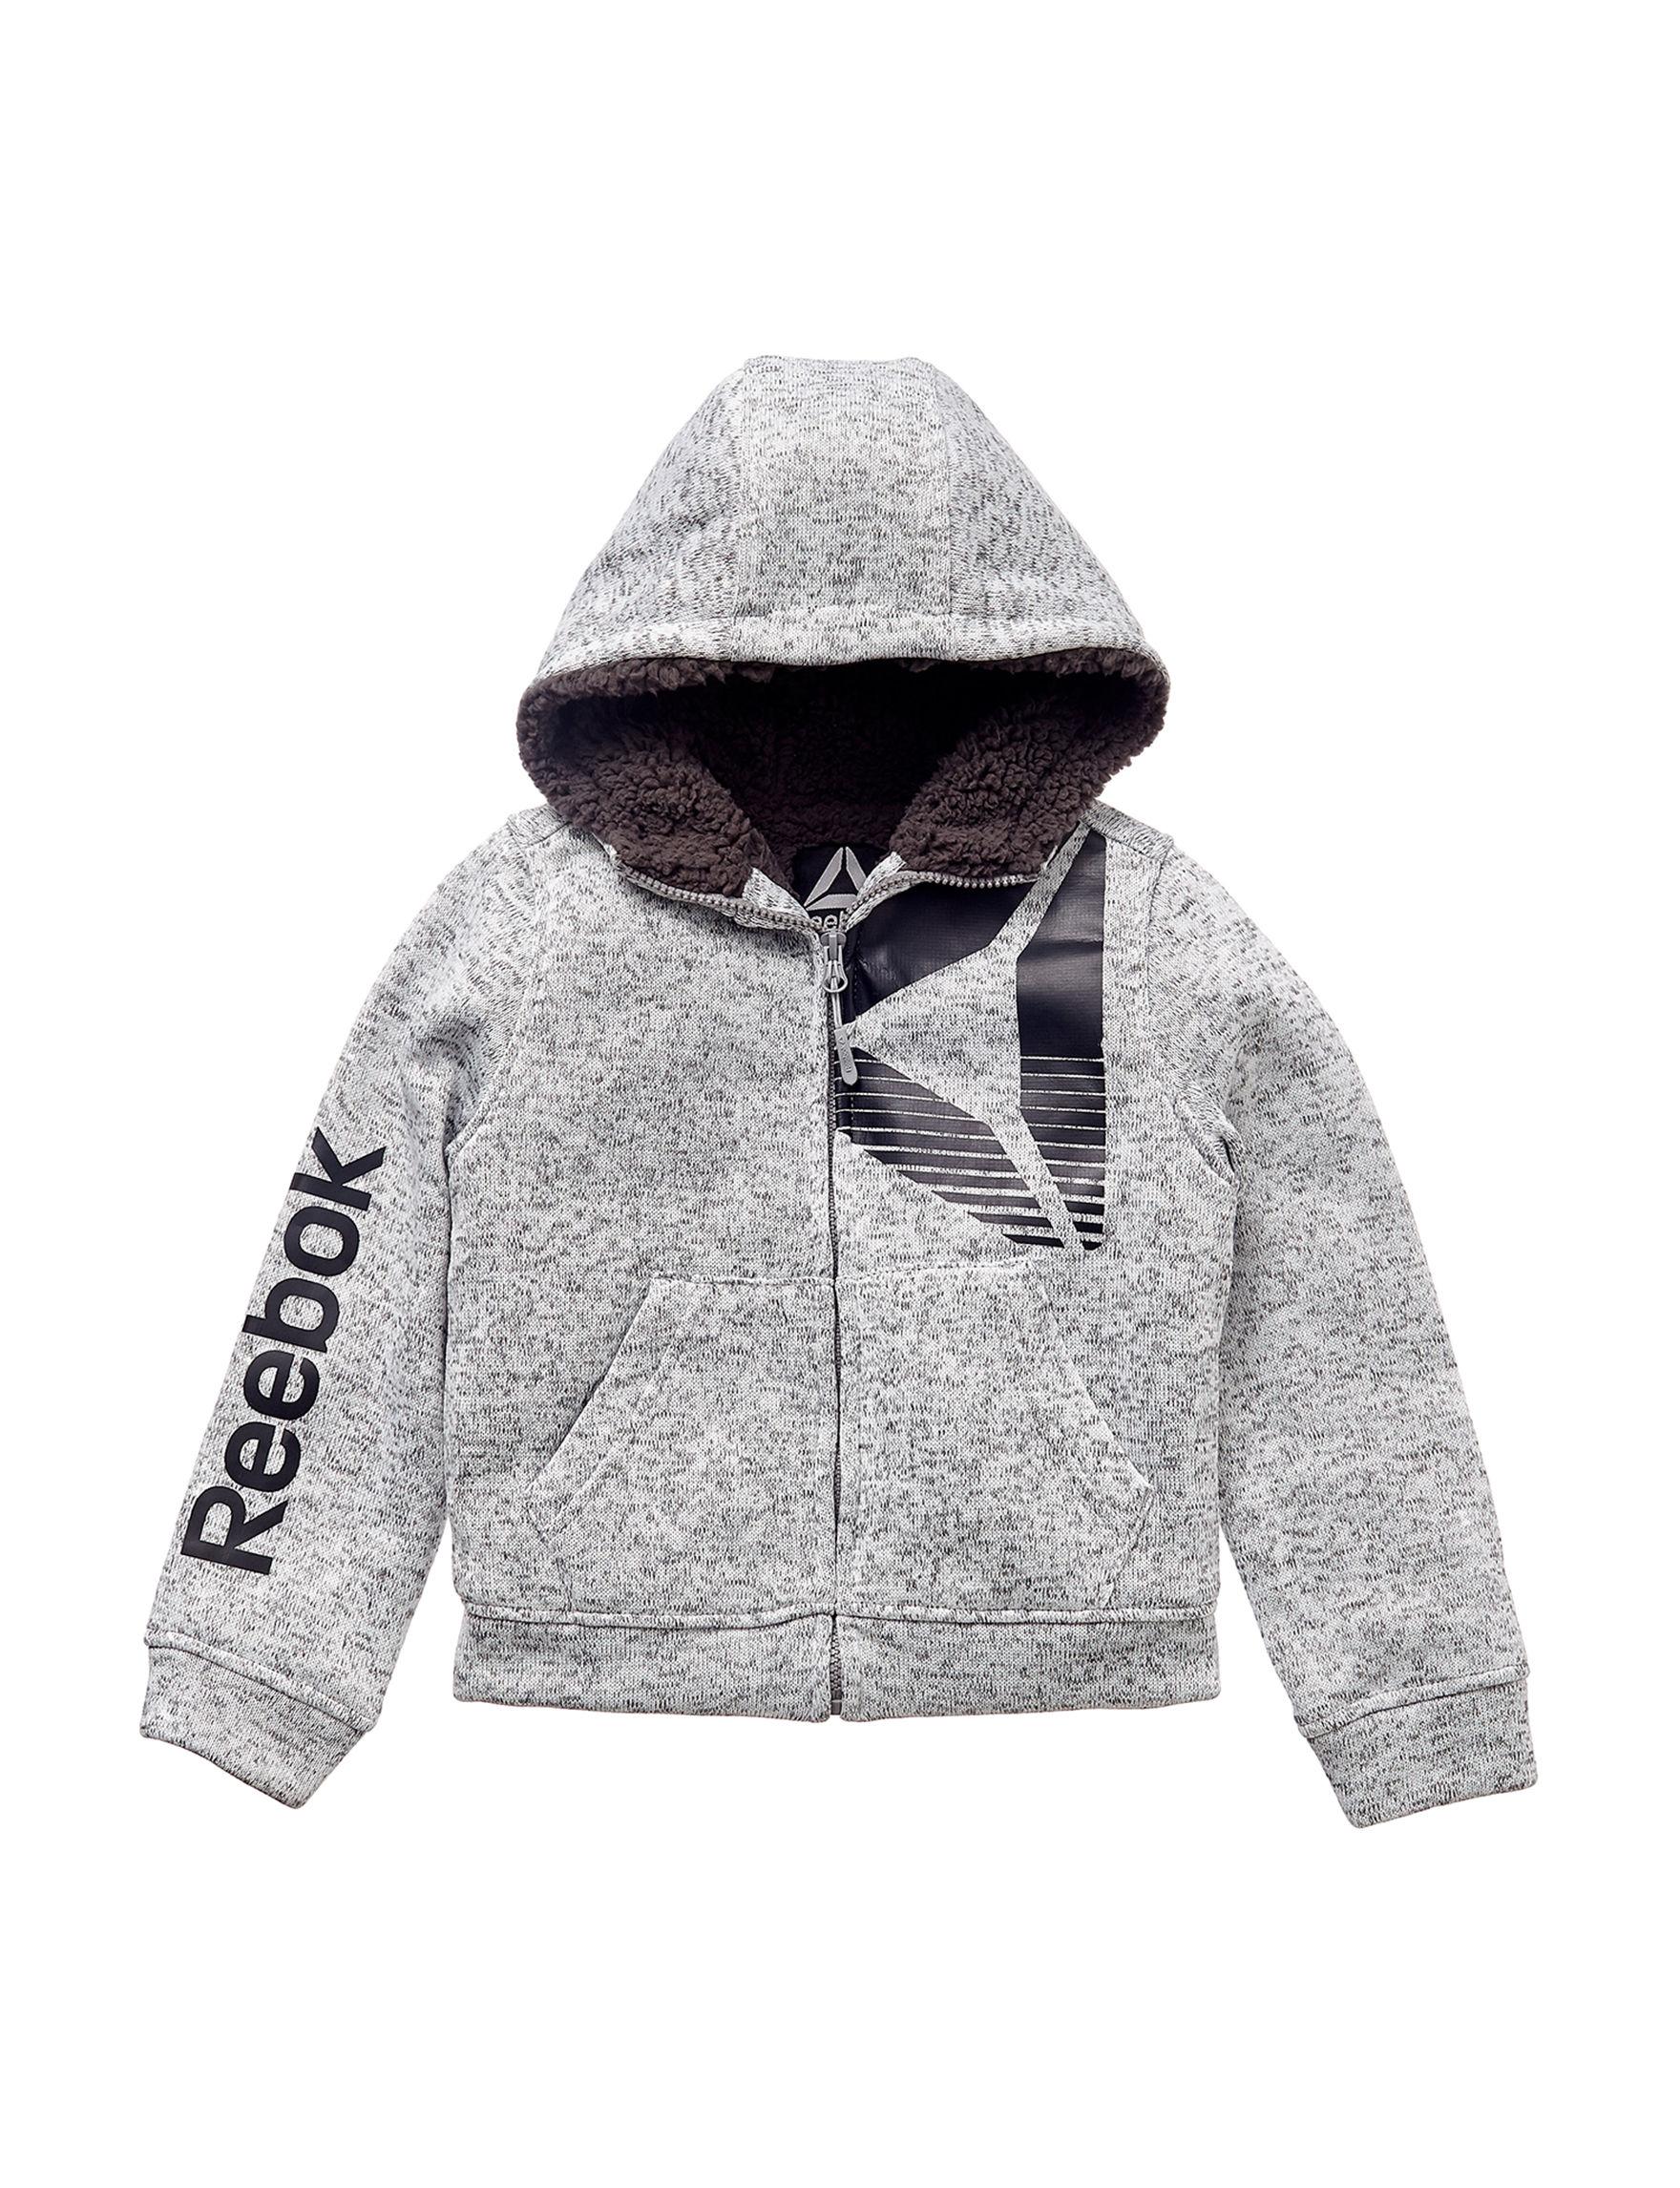 Reebok Grey / Black